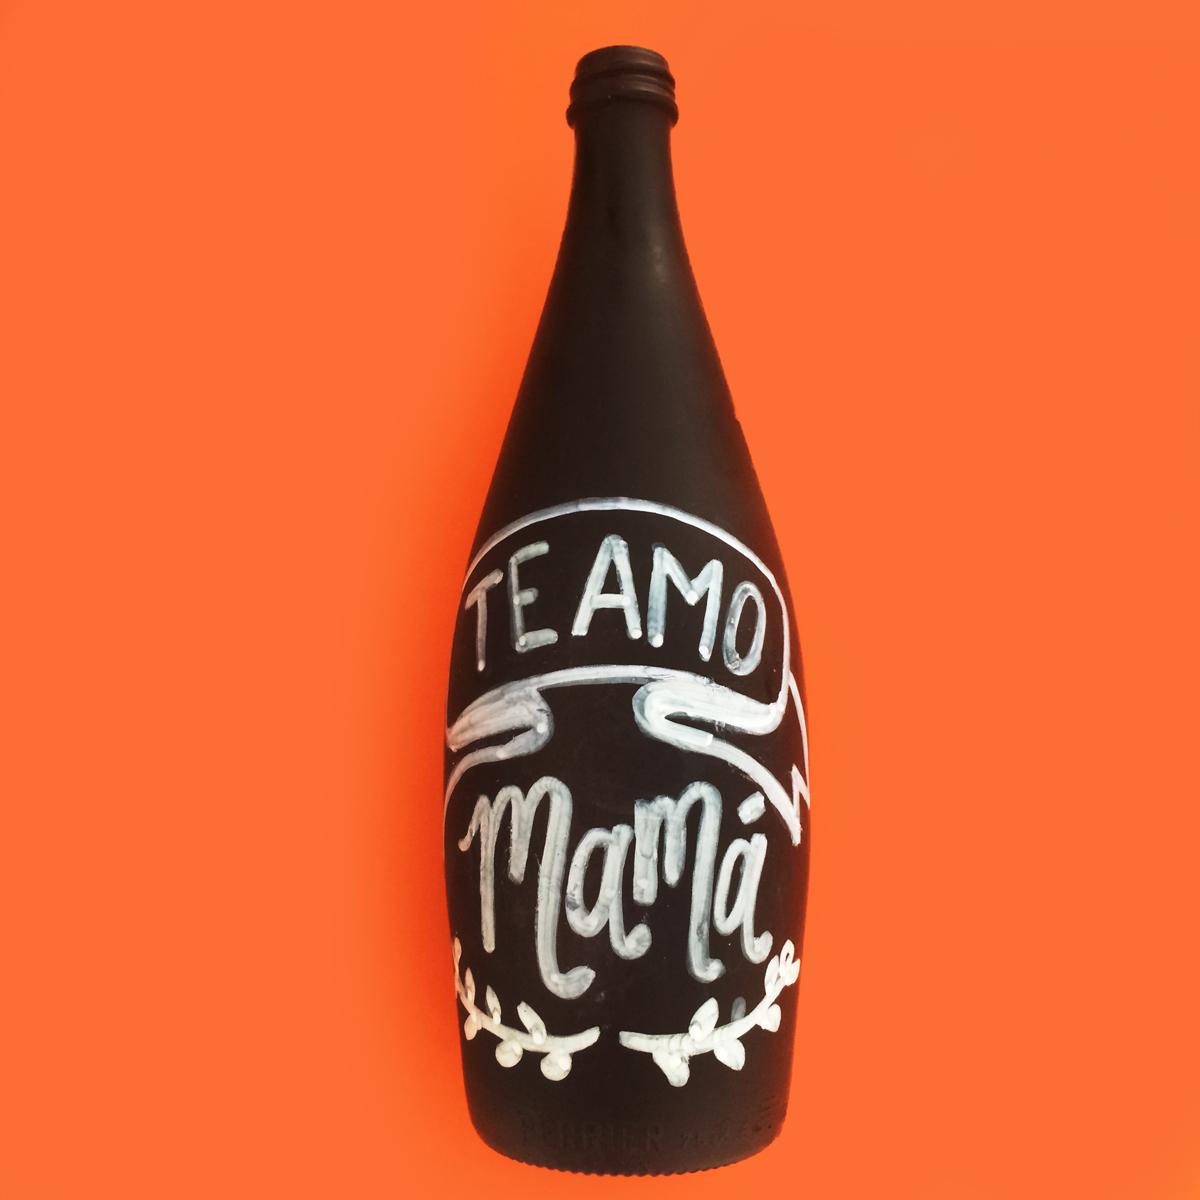 Picture of Pasa El Dibujo a La Botella